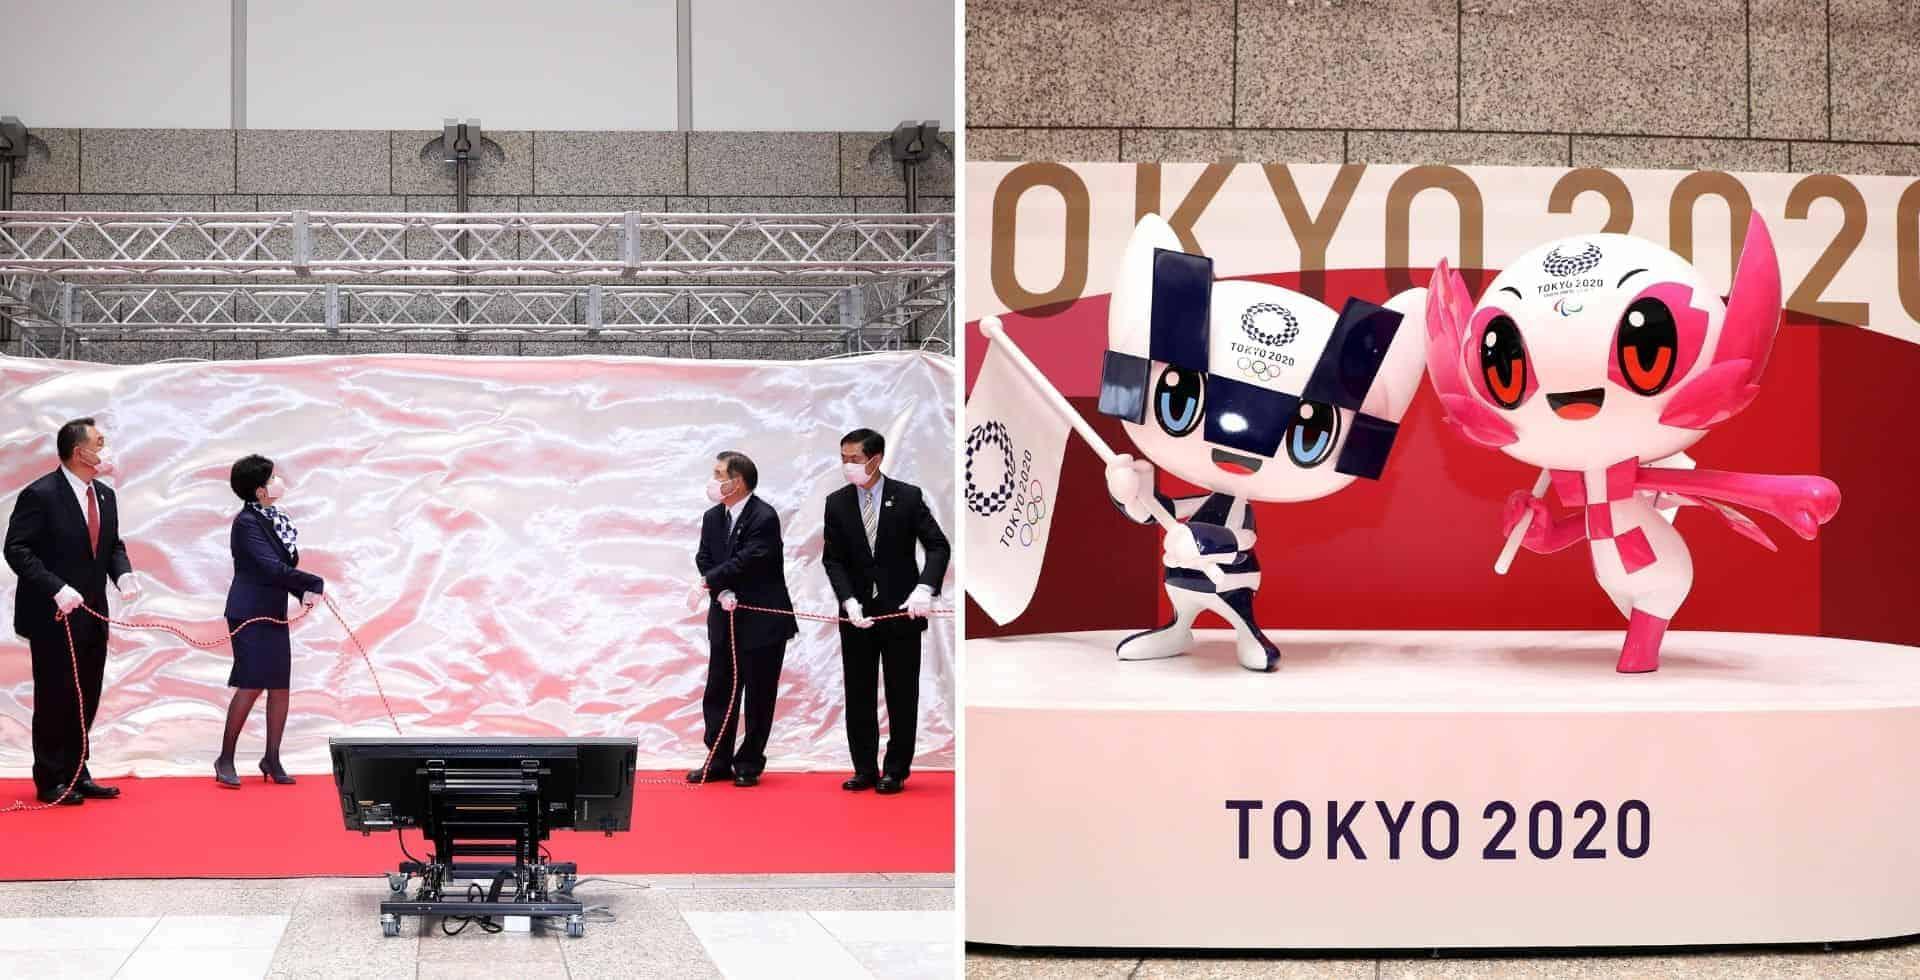 Presentaron las estatuas de las mascotas de los Juegos Olímpicos Tokio 2020